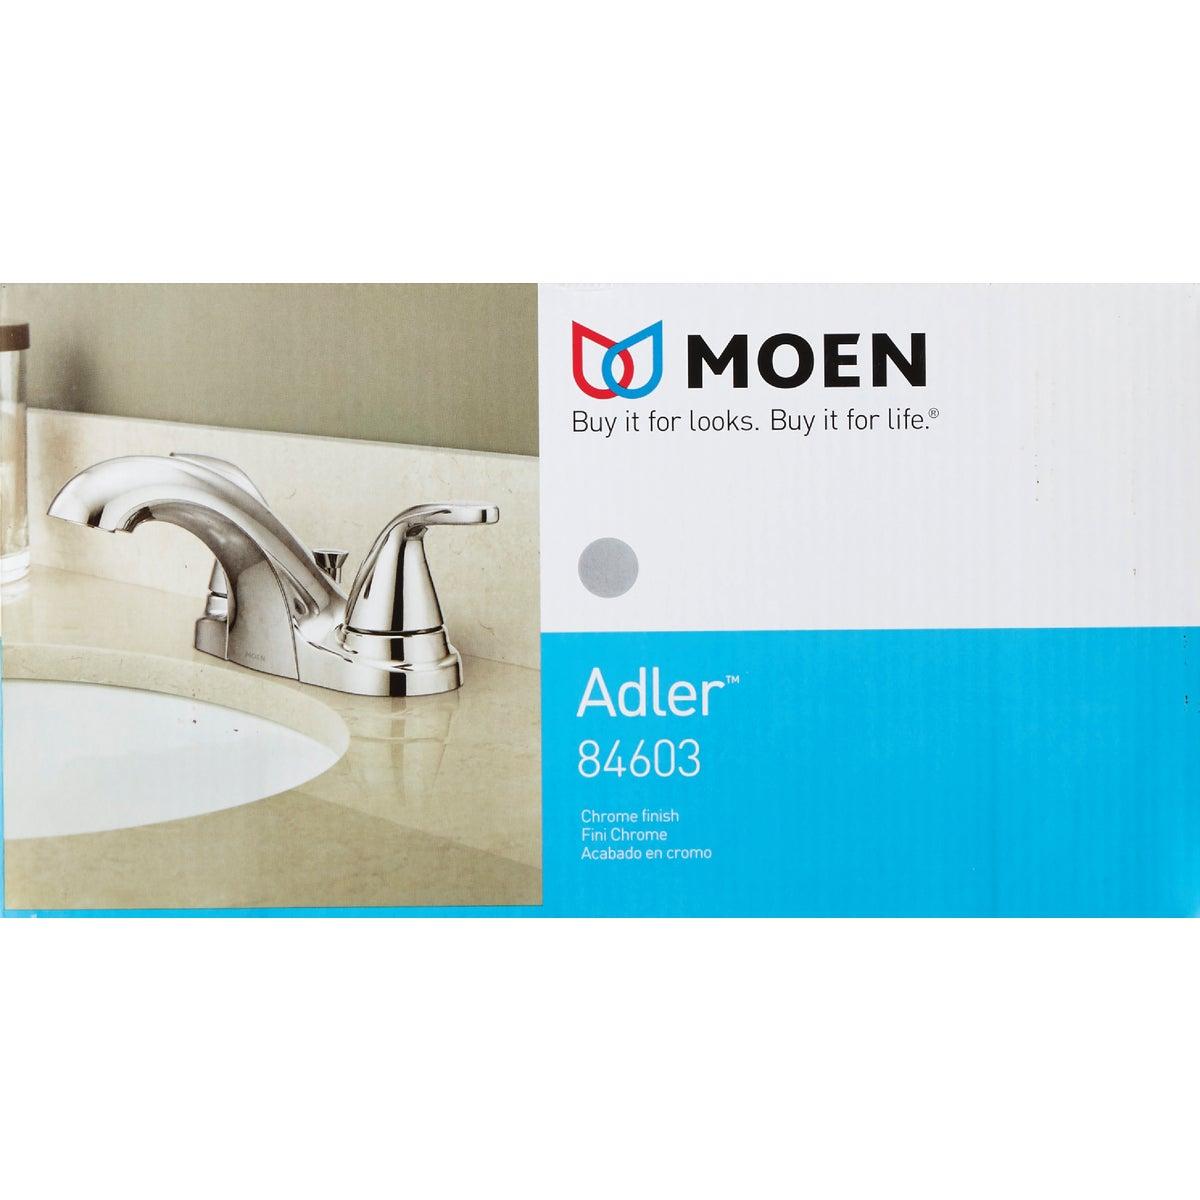 moen adler chrome 2 handle lever4 in